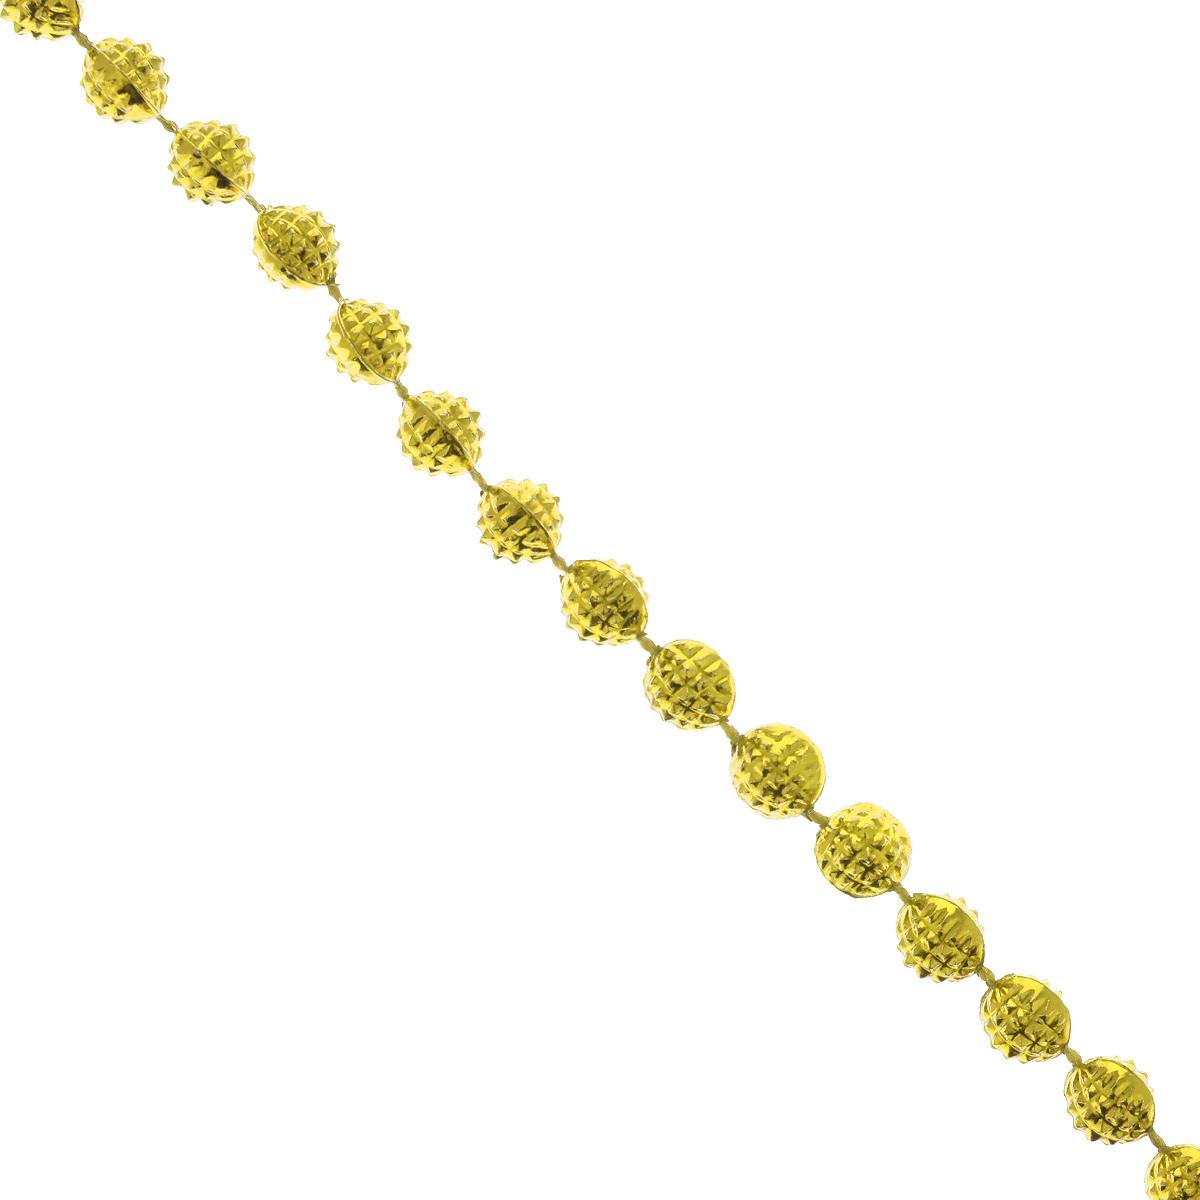 Новогодняя гирлянда Феникс-презент Маскарад, цвет: золотистый, длина 2,7 м38670Новогодняя гирлянда Феникс-презент Маскарад, выполненная из полистирола, украсит интерьервашего дома или офиса в преддверии Нового года. Гирлянда представляет собой бусины нанити. Оригинальный дизайн и красочное исполнение создадут праздничное настроение. Новогодние украшения всегда несут в себе волшебство и красоту праздника. Создайте в своемдоме атмосферу тепла, веселья и радости, украшая его всей семьей. Диаметр бусины: 5 мм.